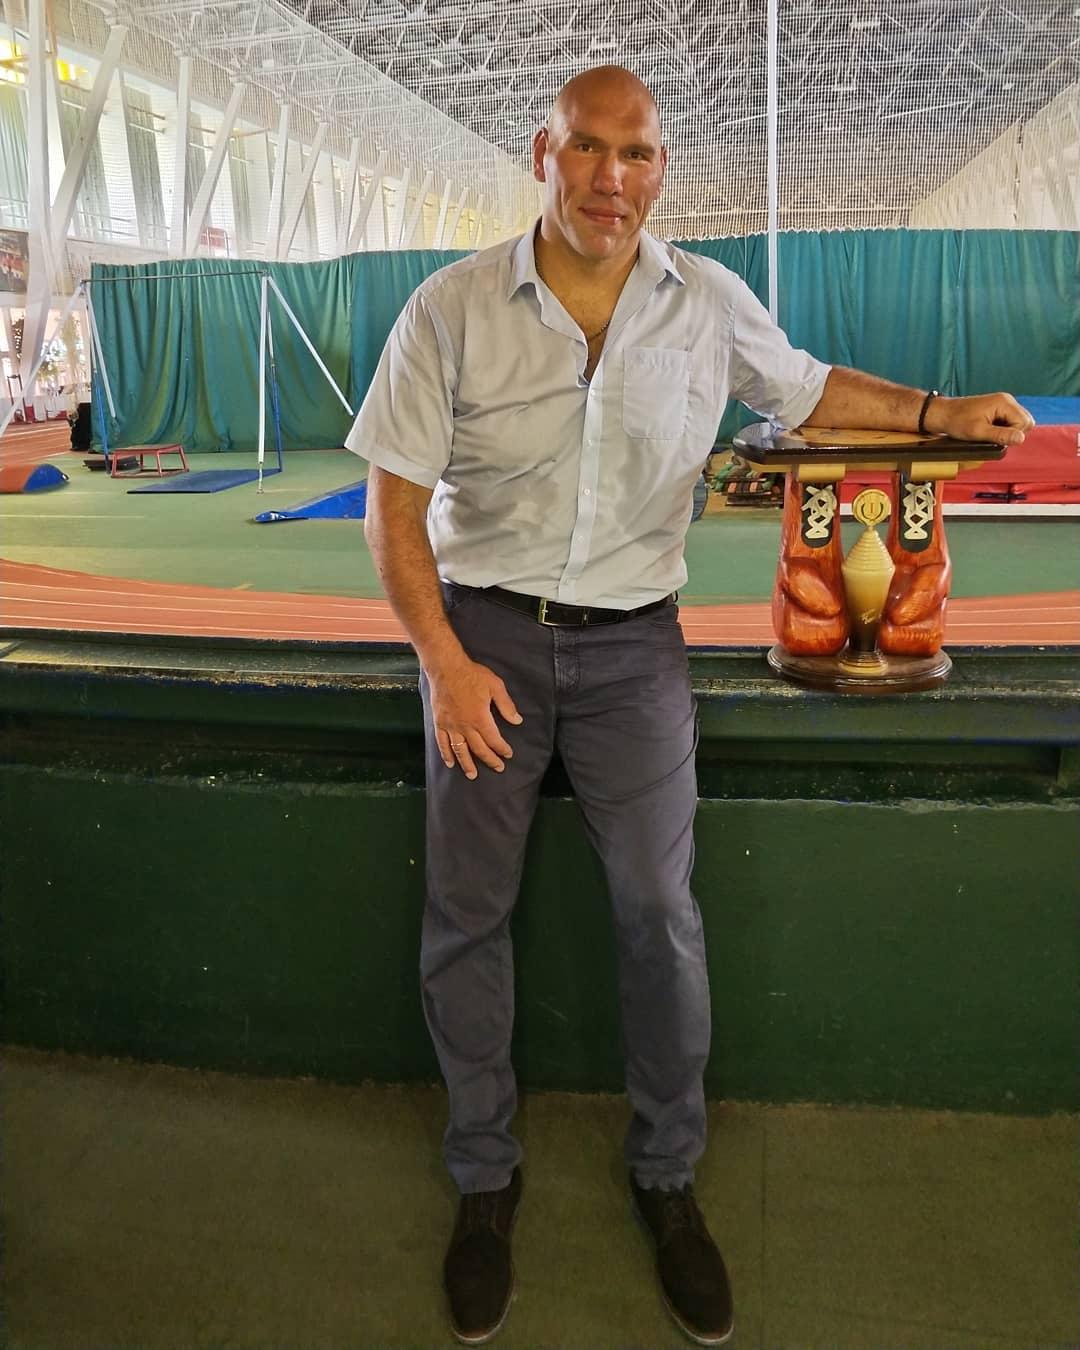 Борщ и котлеты: Николай Валуев показал свой скромный обед после тренировки